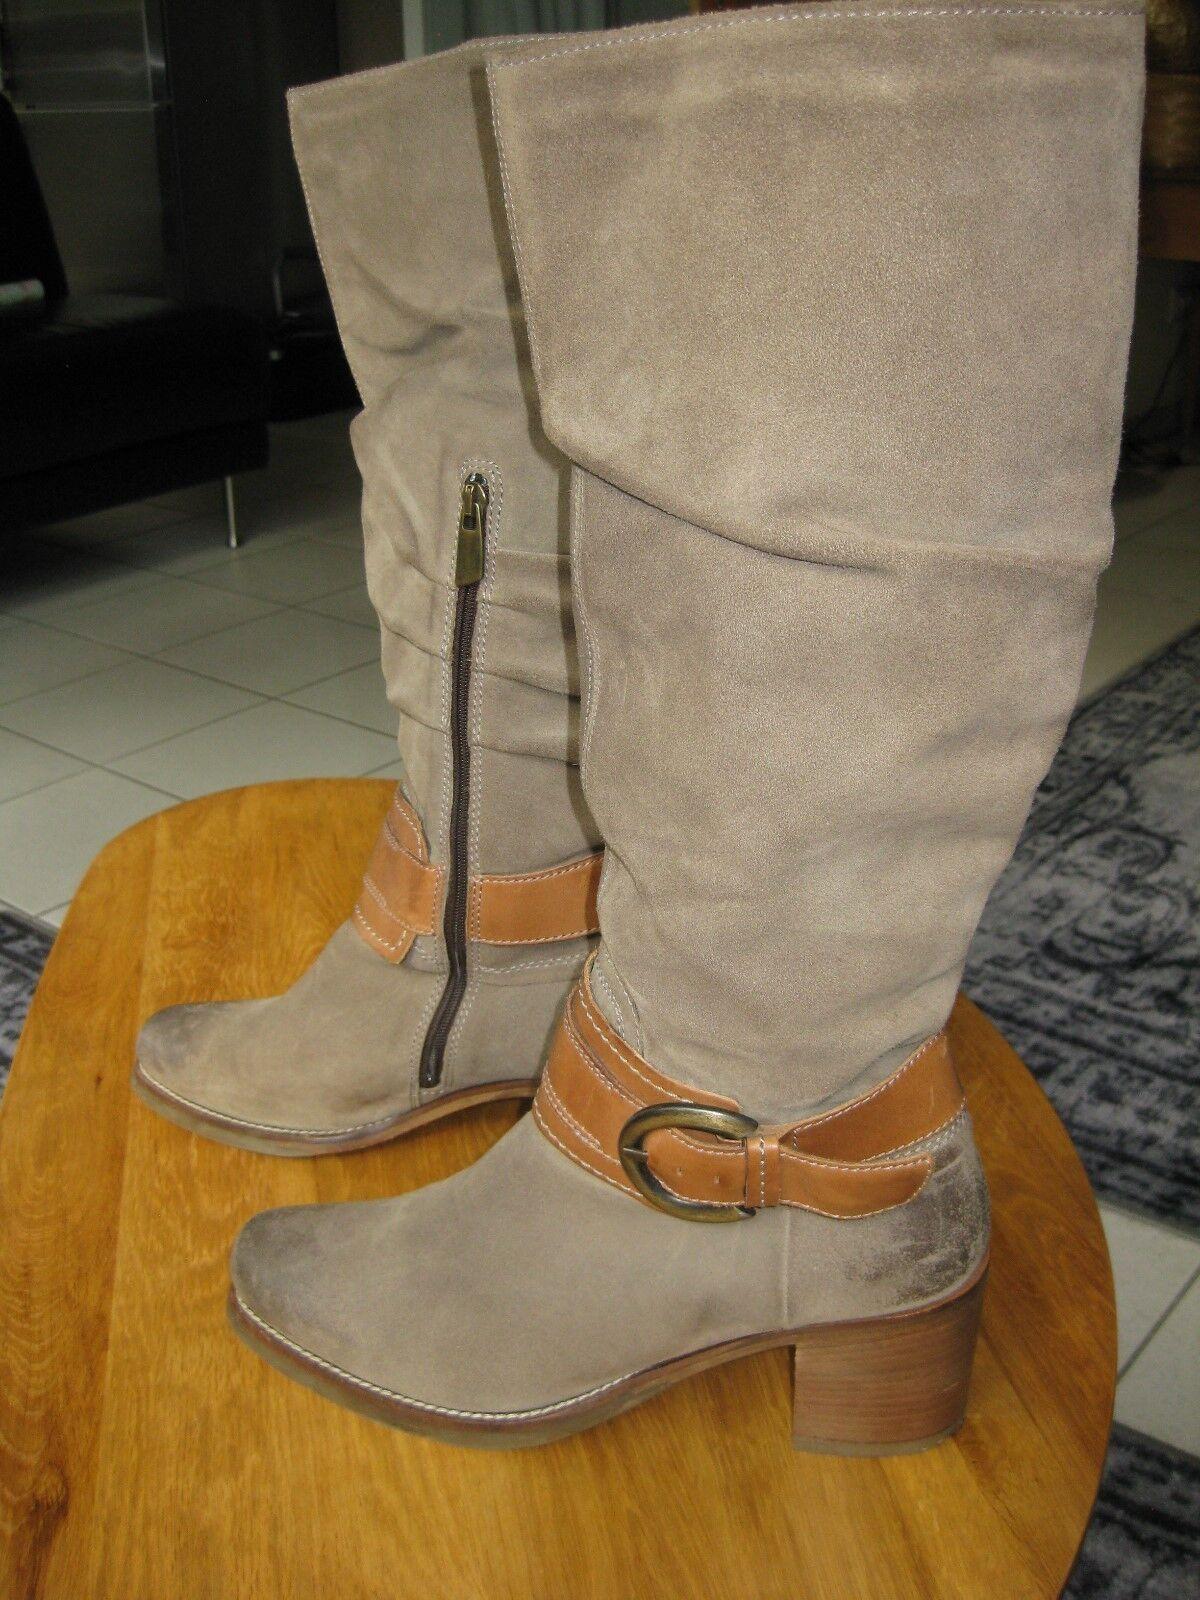 Stiefel VERO CUOIO, Style, Wildleder, Gr.41, Vintage Style, CUOIO, Top Zustand c9f906